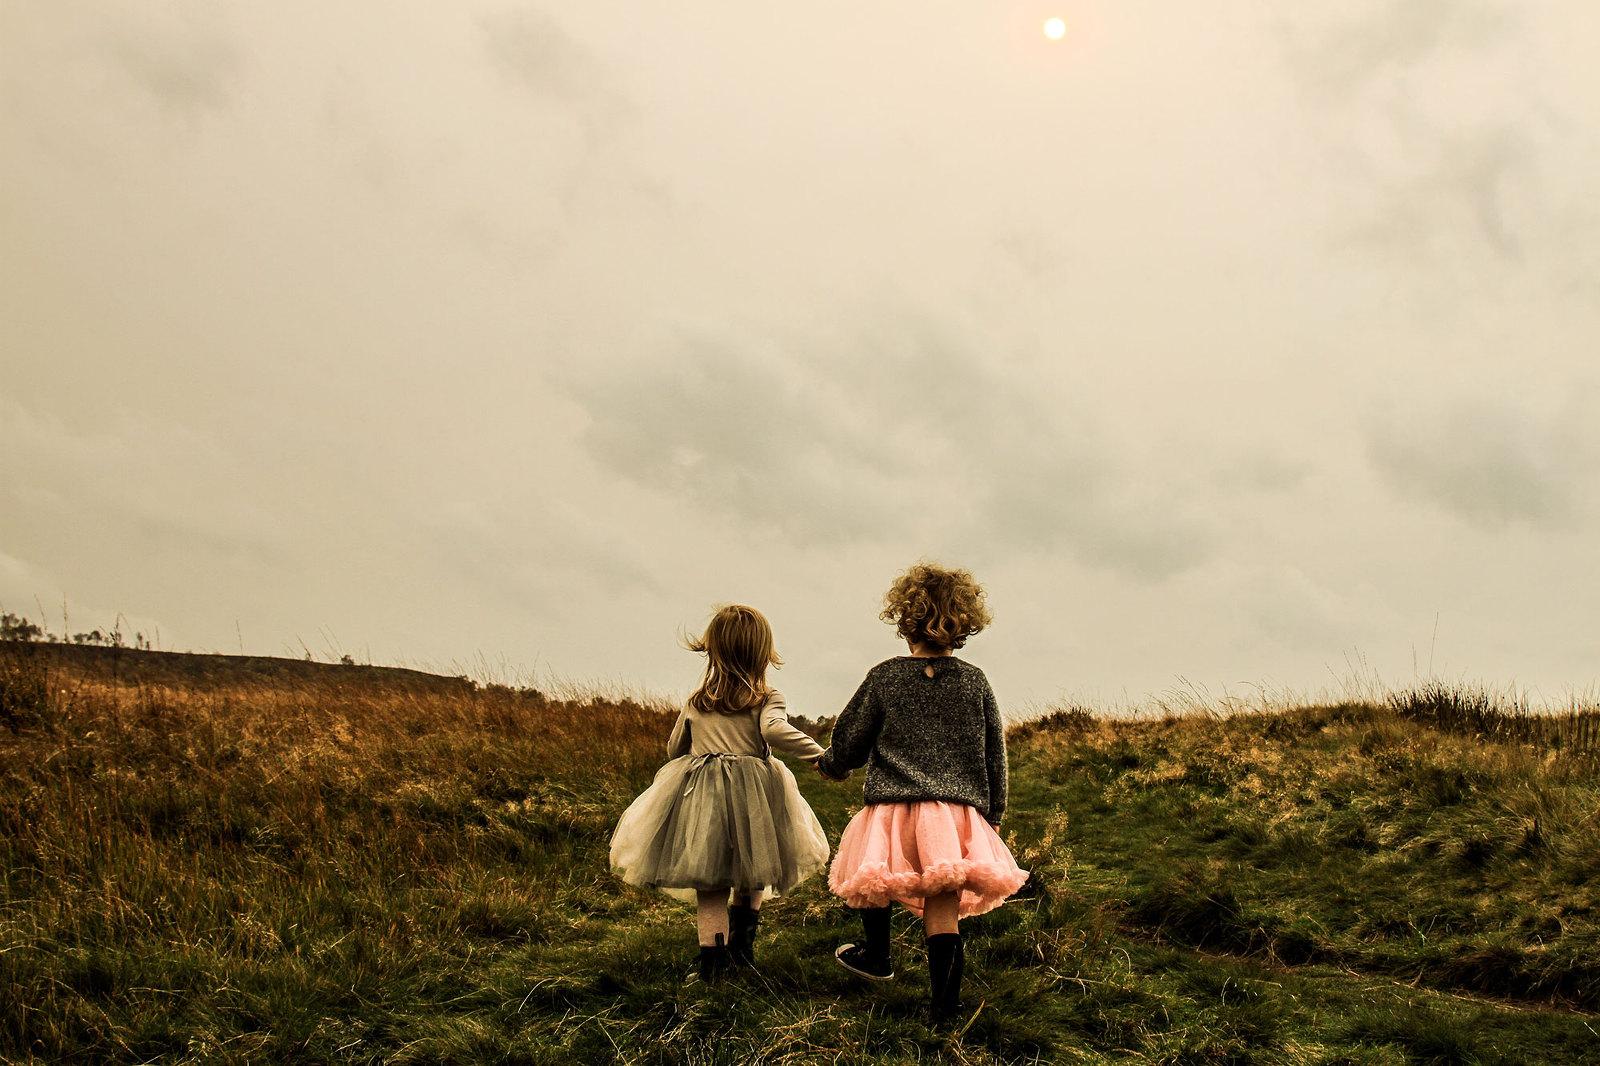 Girls Walking With Tutus